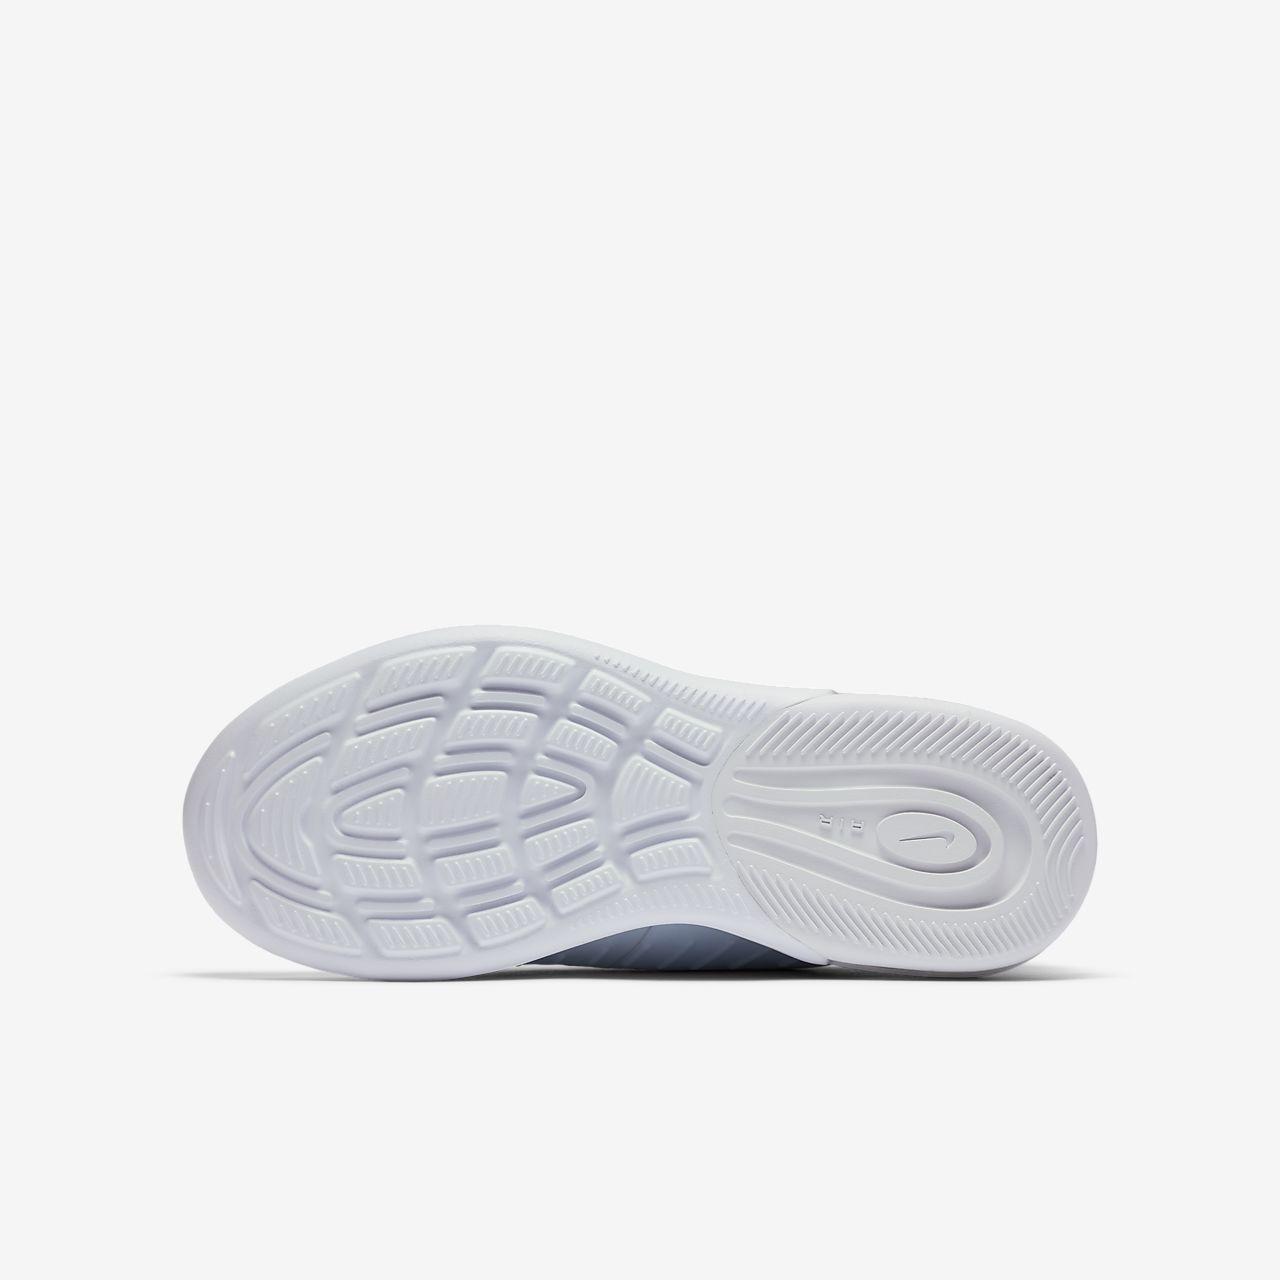 Nike Air Max 95 LX Damenschuh Partikel RosaWeites GrauWeiß AA1103 600